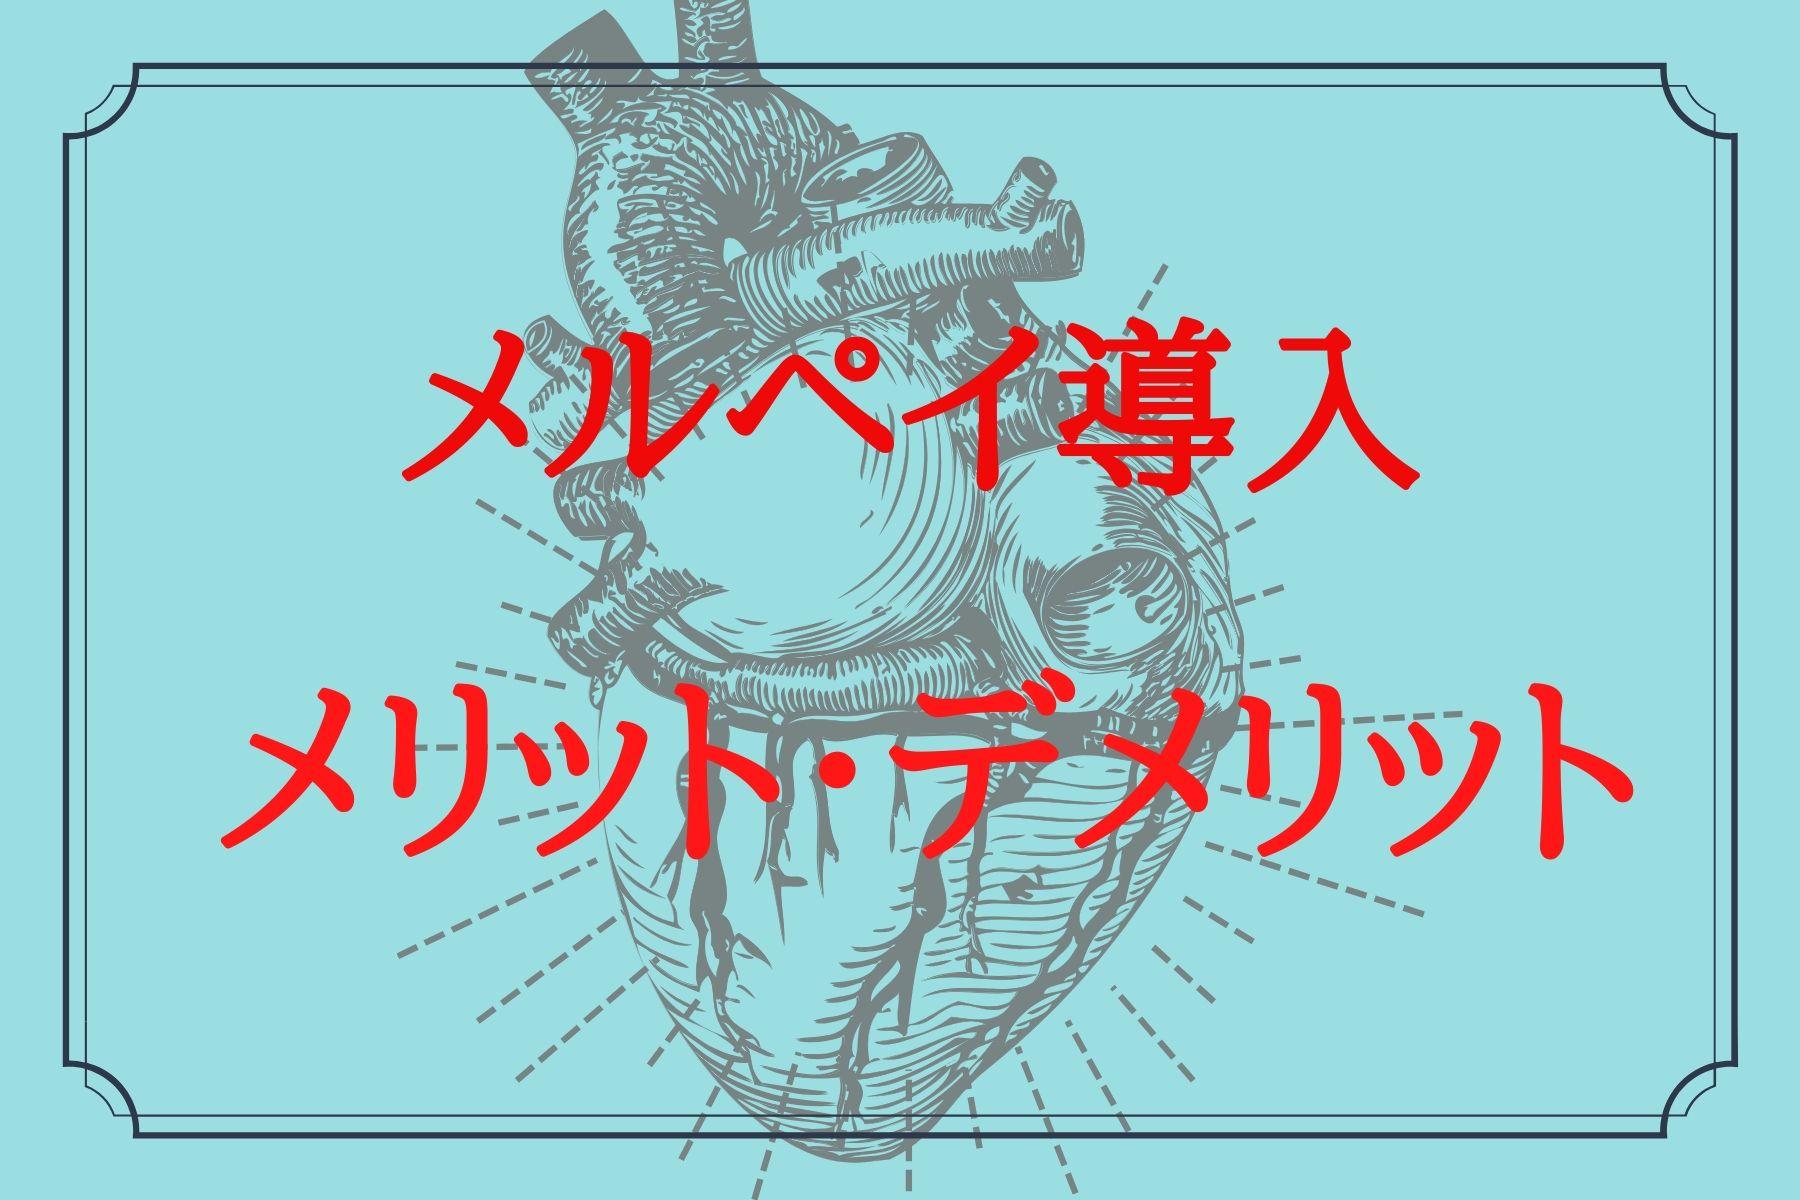 メルペイを導入する5つのメリット・2つのデメリット【飲食店向け】